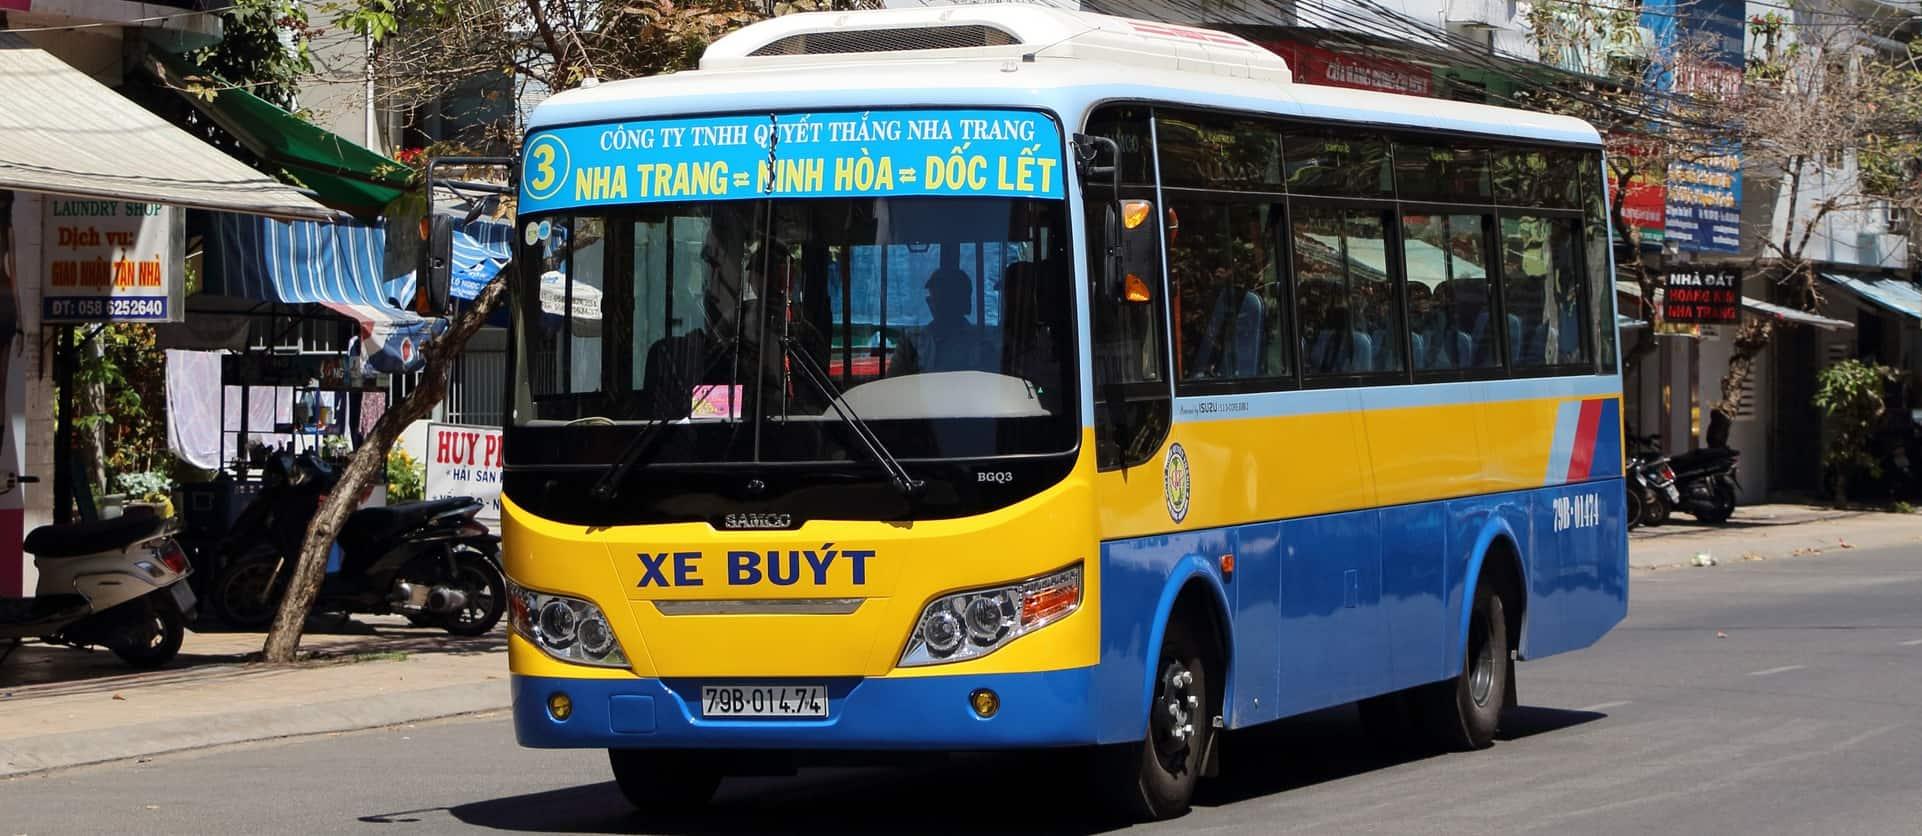 Thông tin các tuyến bus Nha Trang 2019 kèm lộ trình, giá vé. Lộ trình các tuyến bus ở Nha Trang. Du lịch Nha Trang bằng xe bus